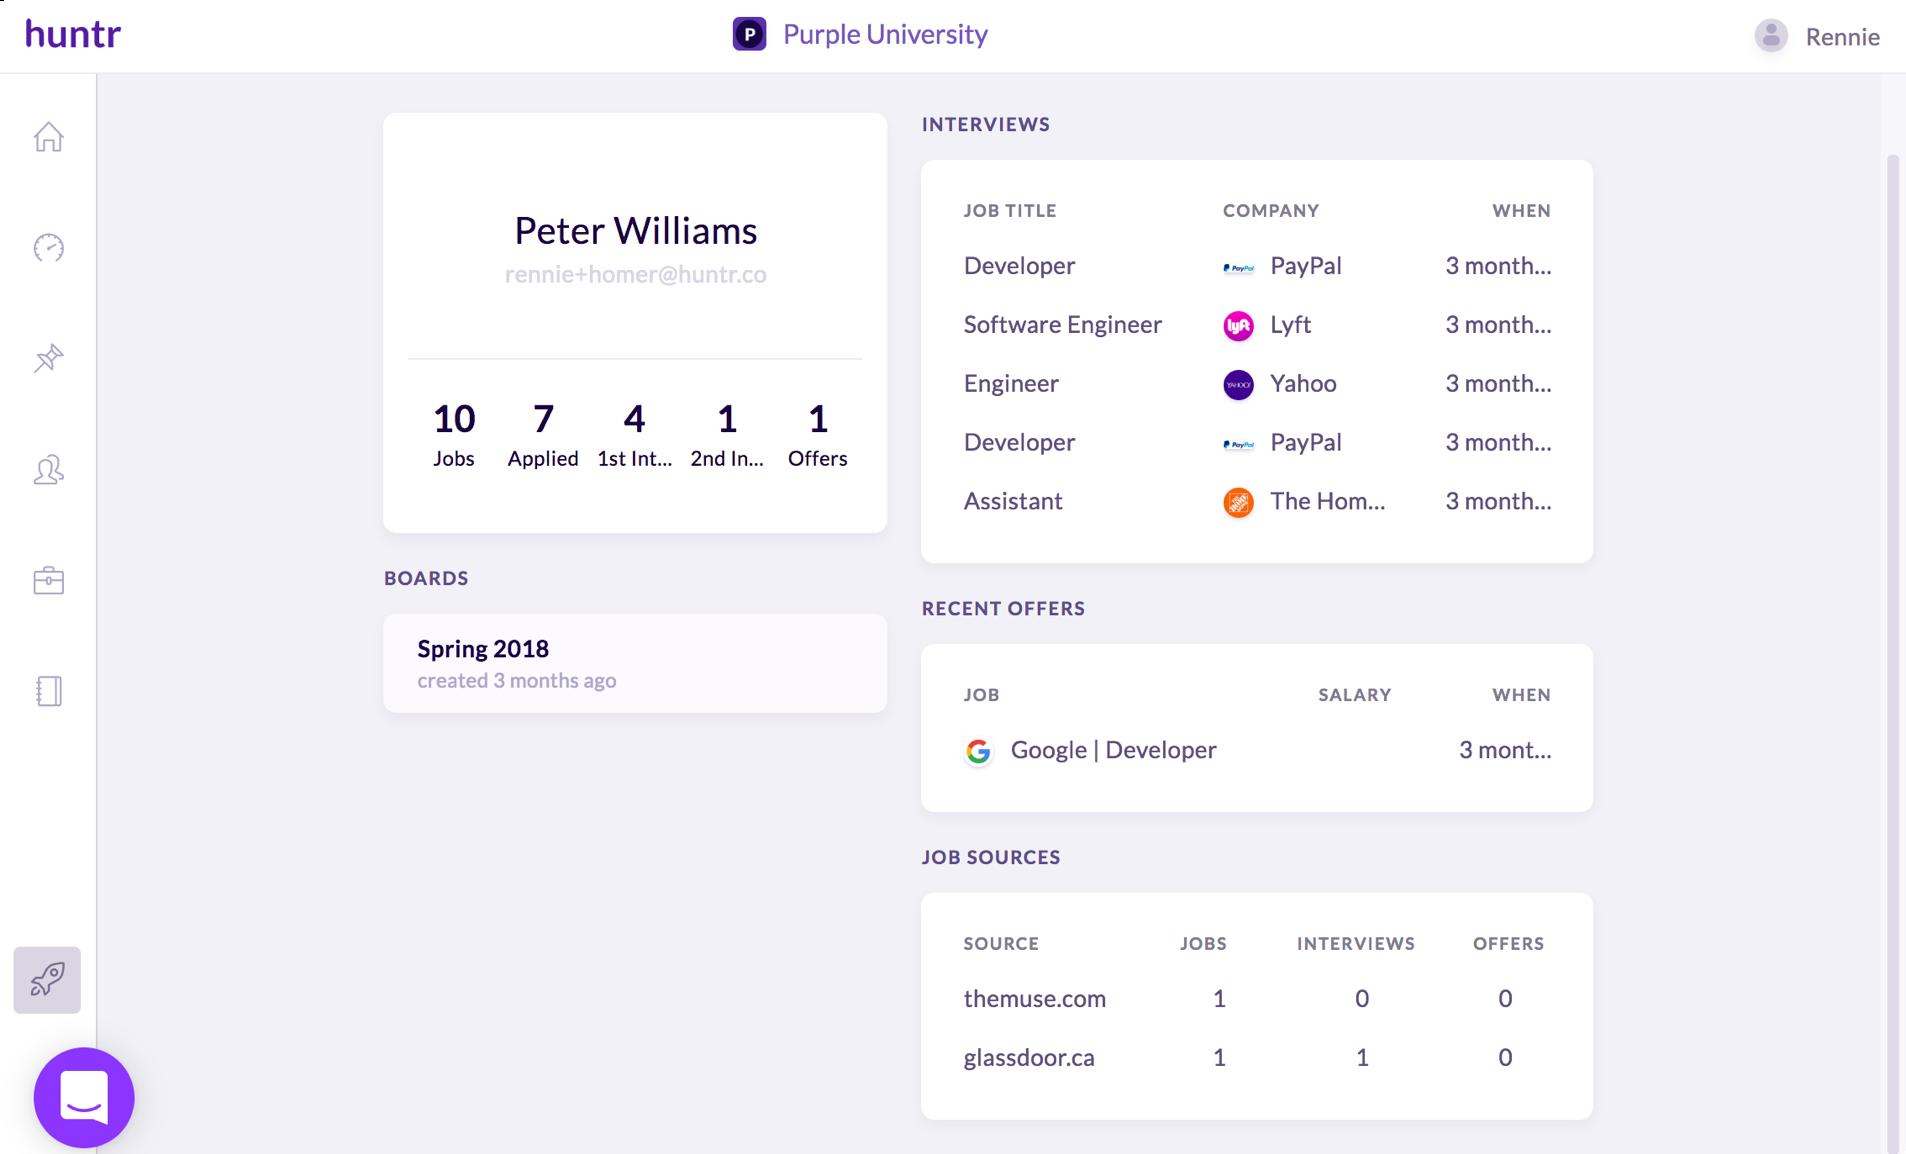 huntr job application tracker for career advisors